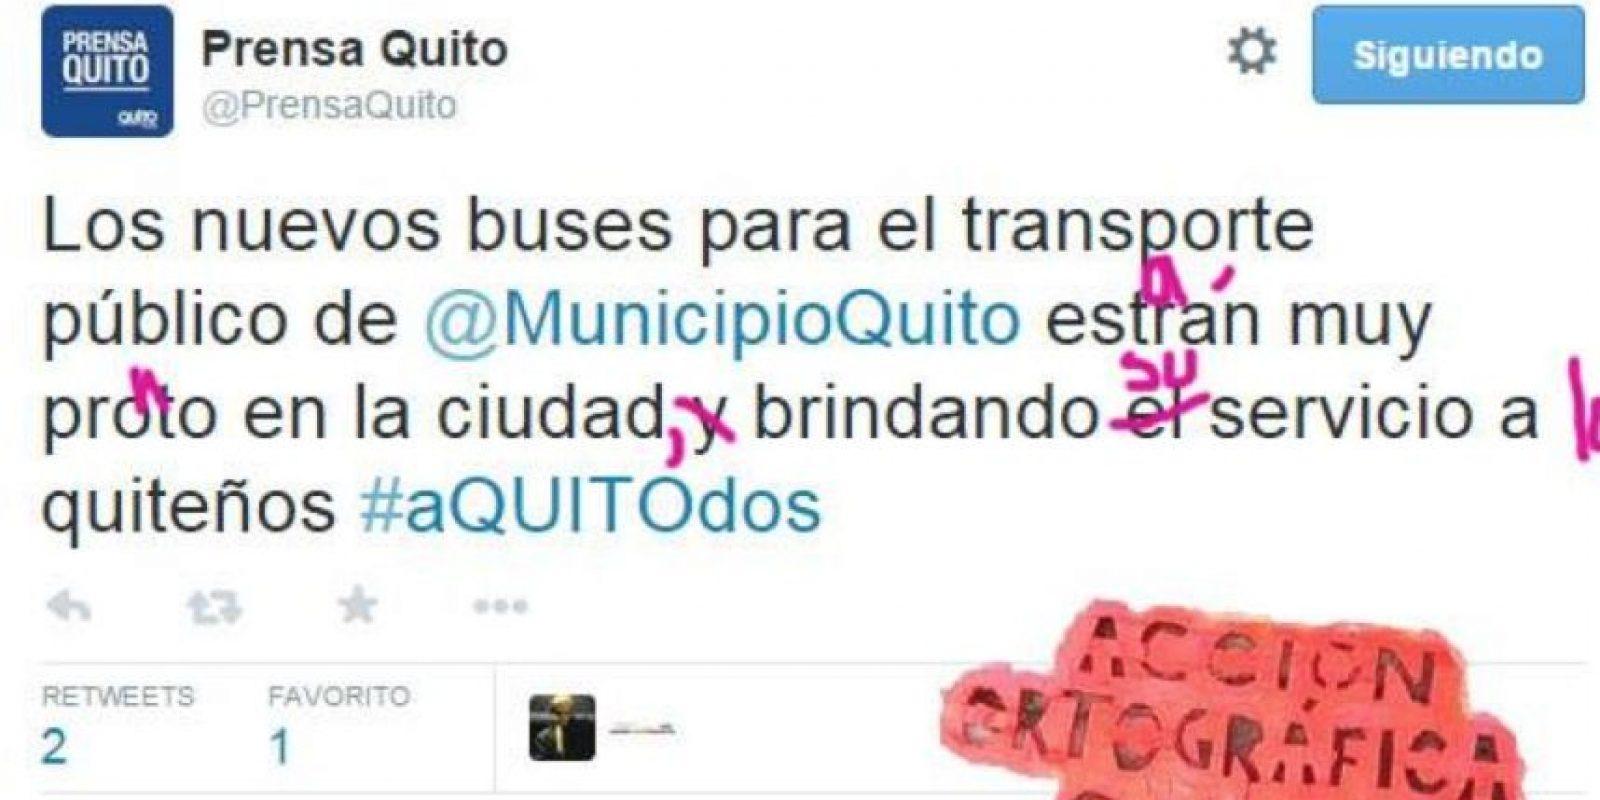 Sus precursores de Ecuador incluso corrigen a medios. Foto:Acción Ortográfica/Quito/Facebook